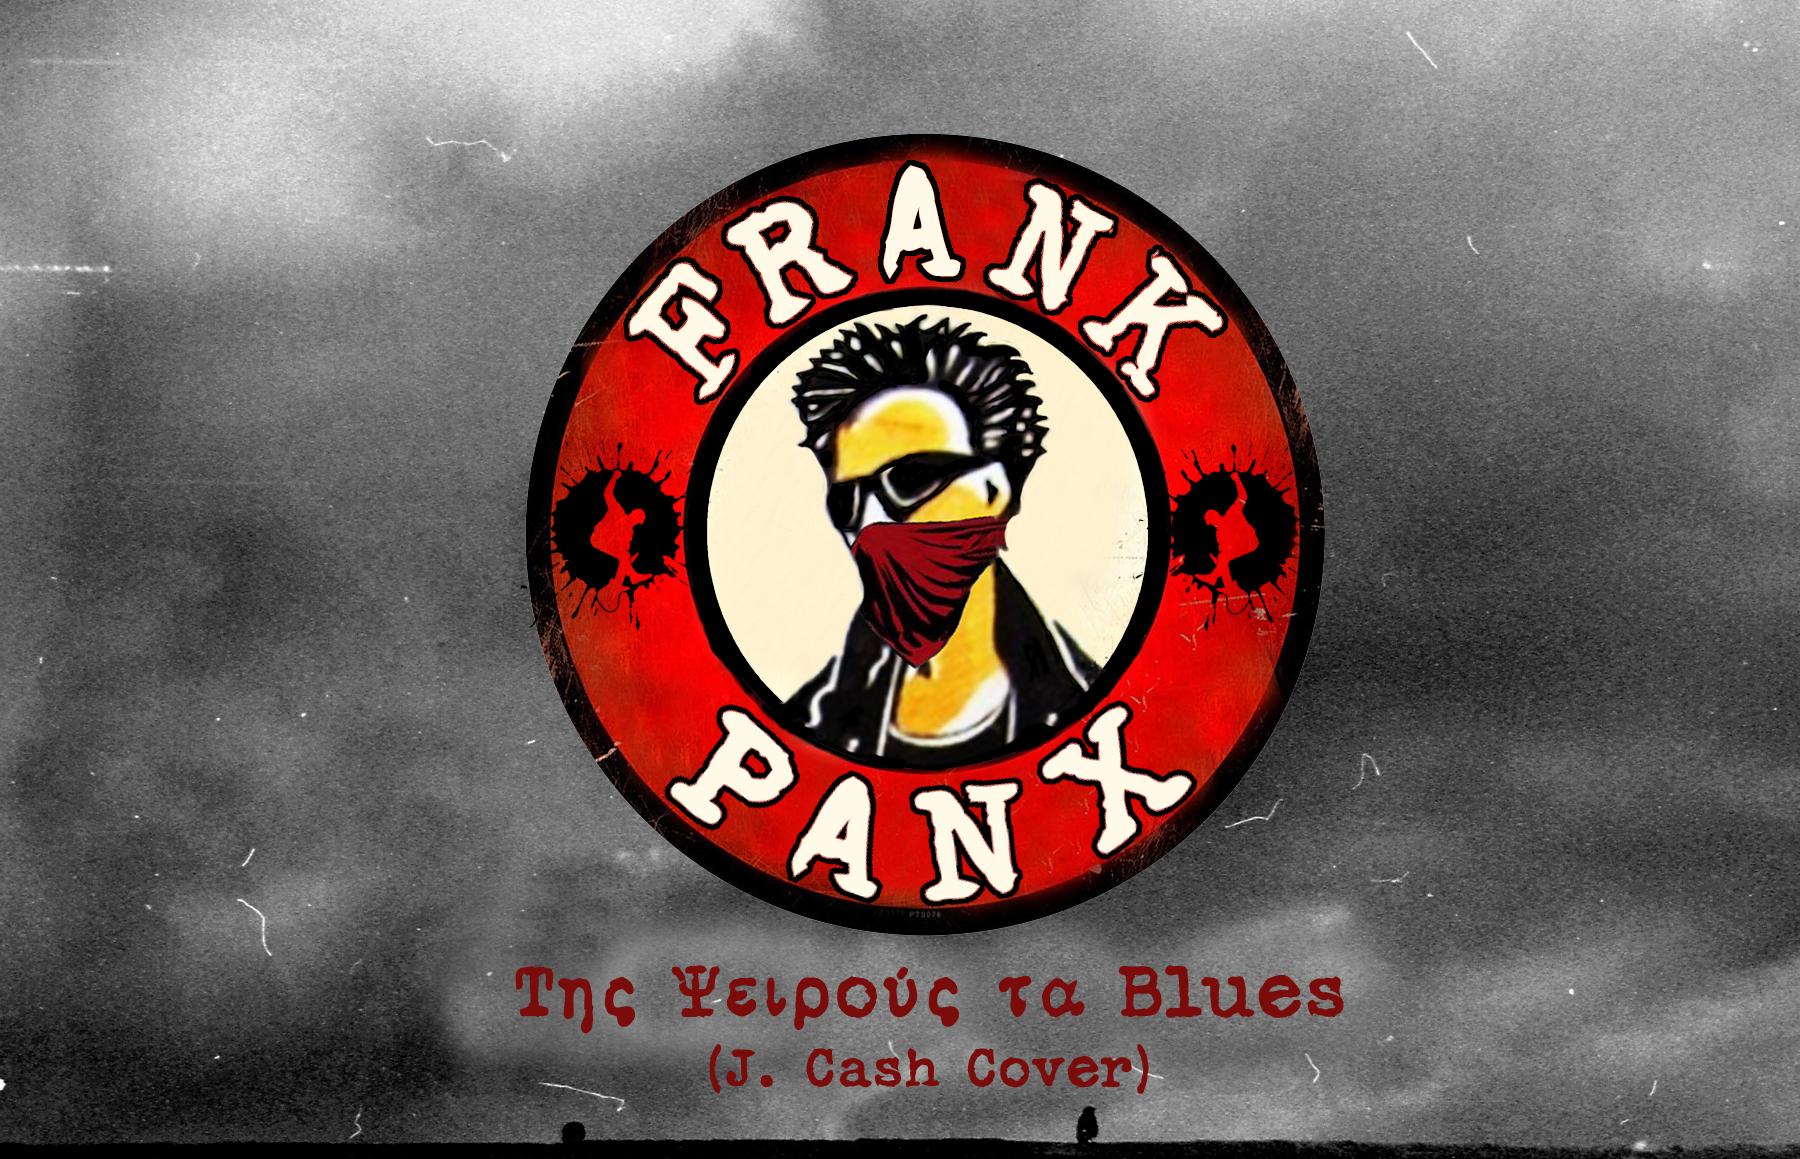 Της Ψειρούς τα Blues από τον Frank Panx Live στις φυλακές Κορυδαλλού